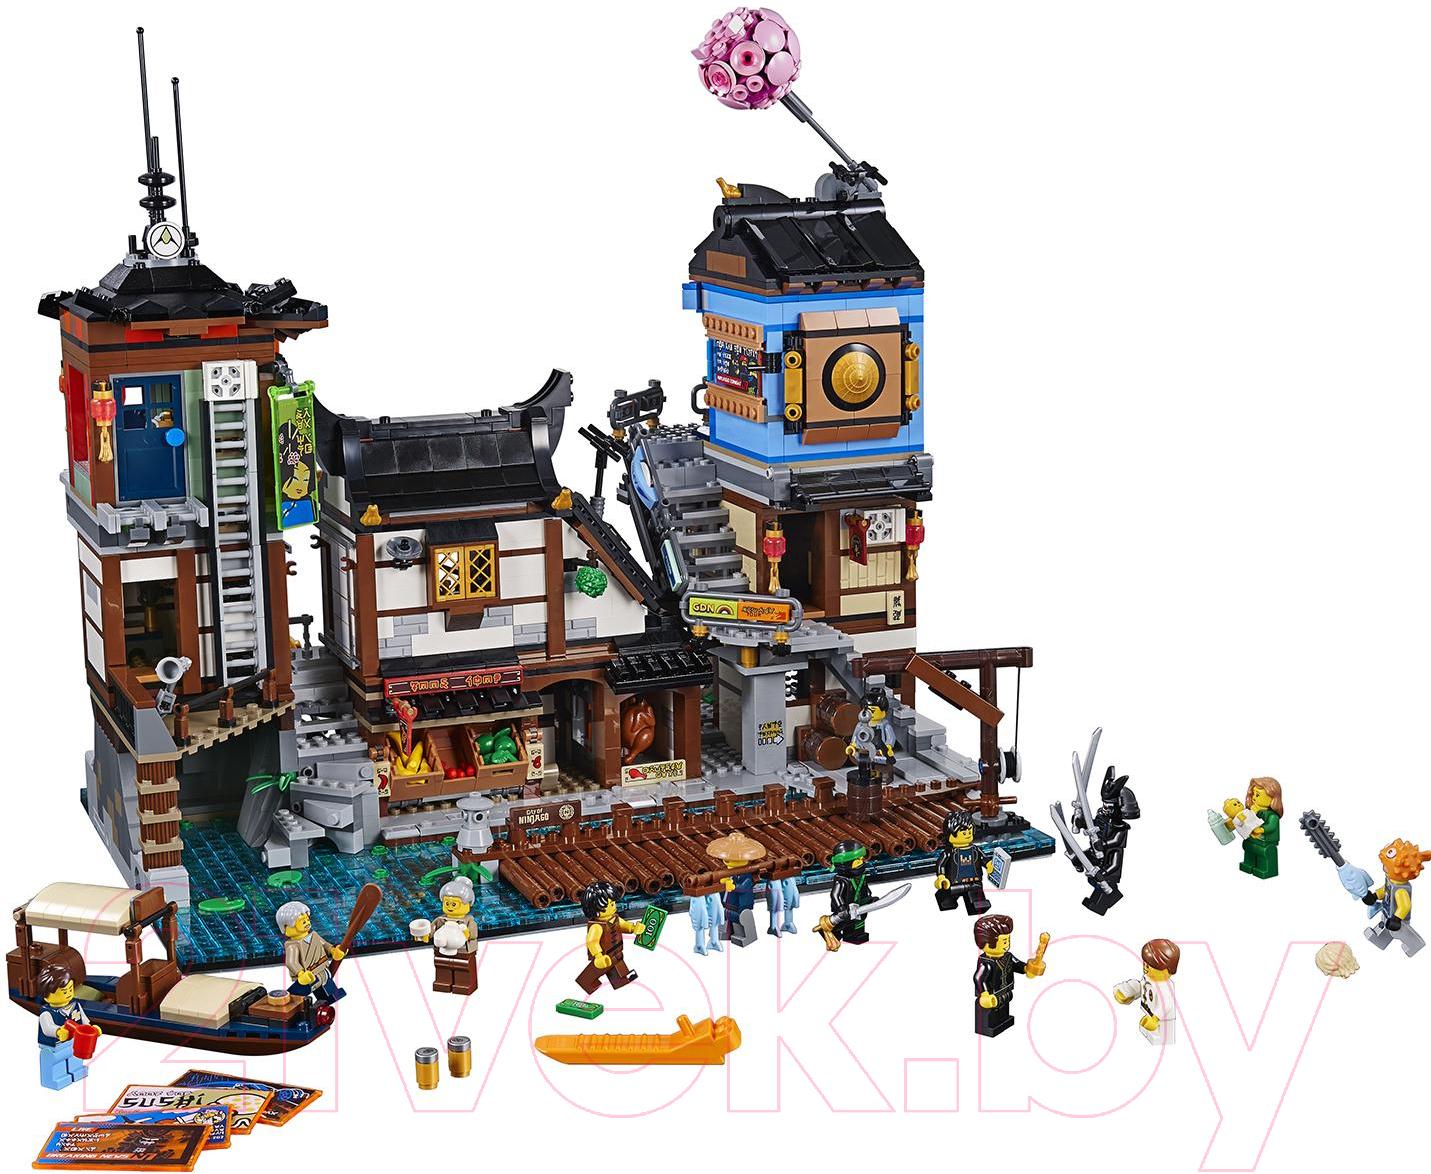 Купить Конструктор Lego, Ninjago Порт Сити 70657, Китай, пластик